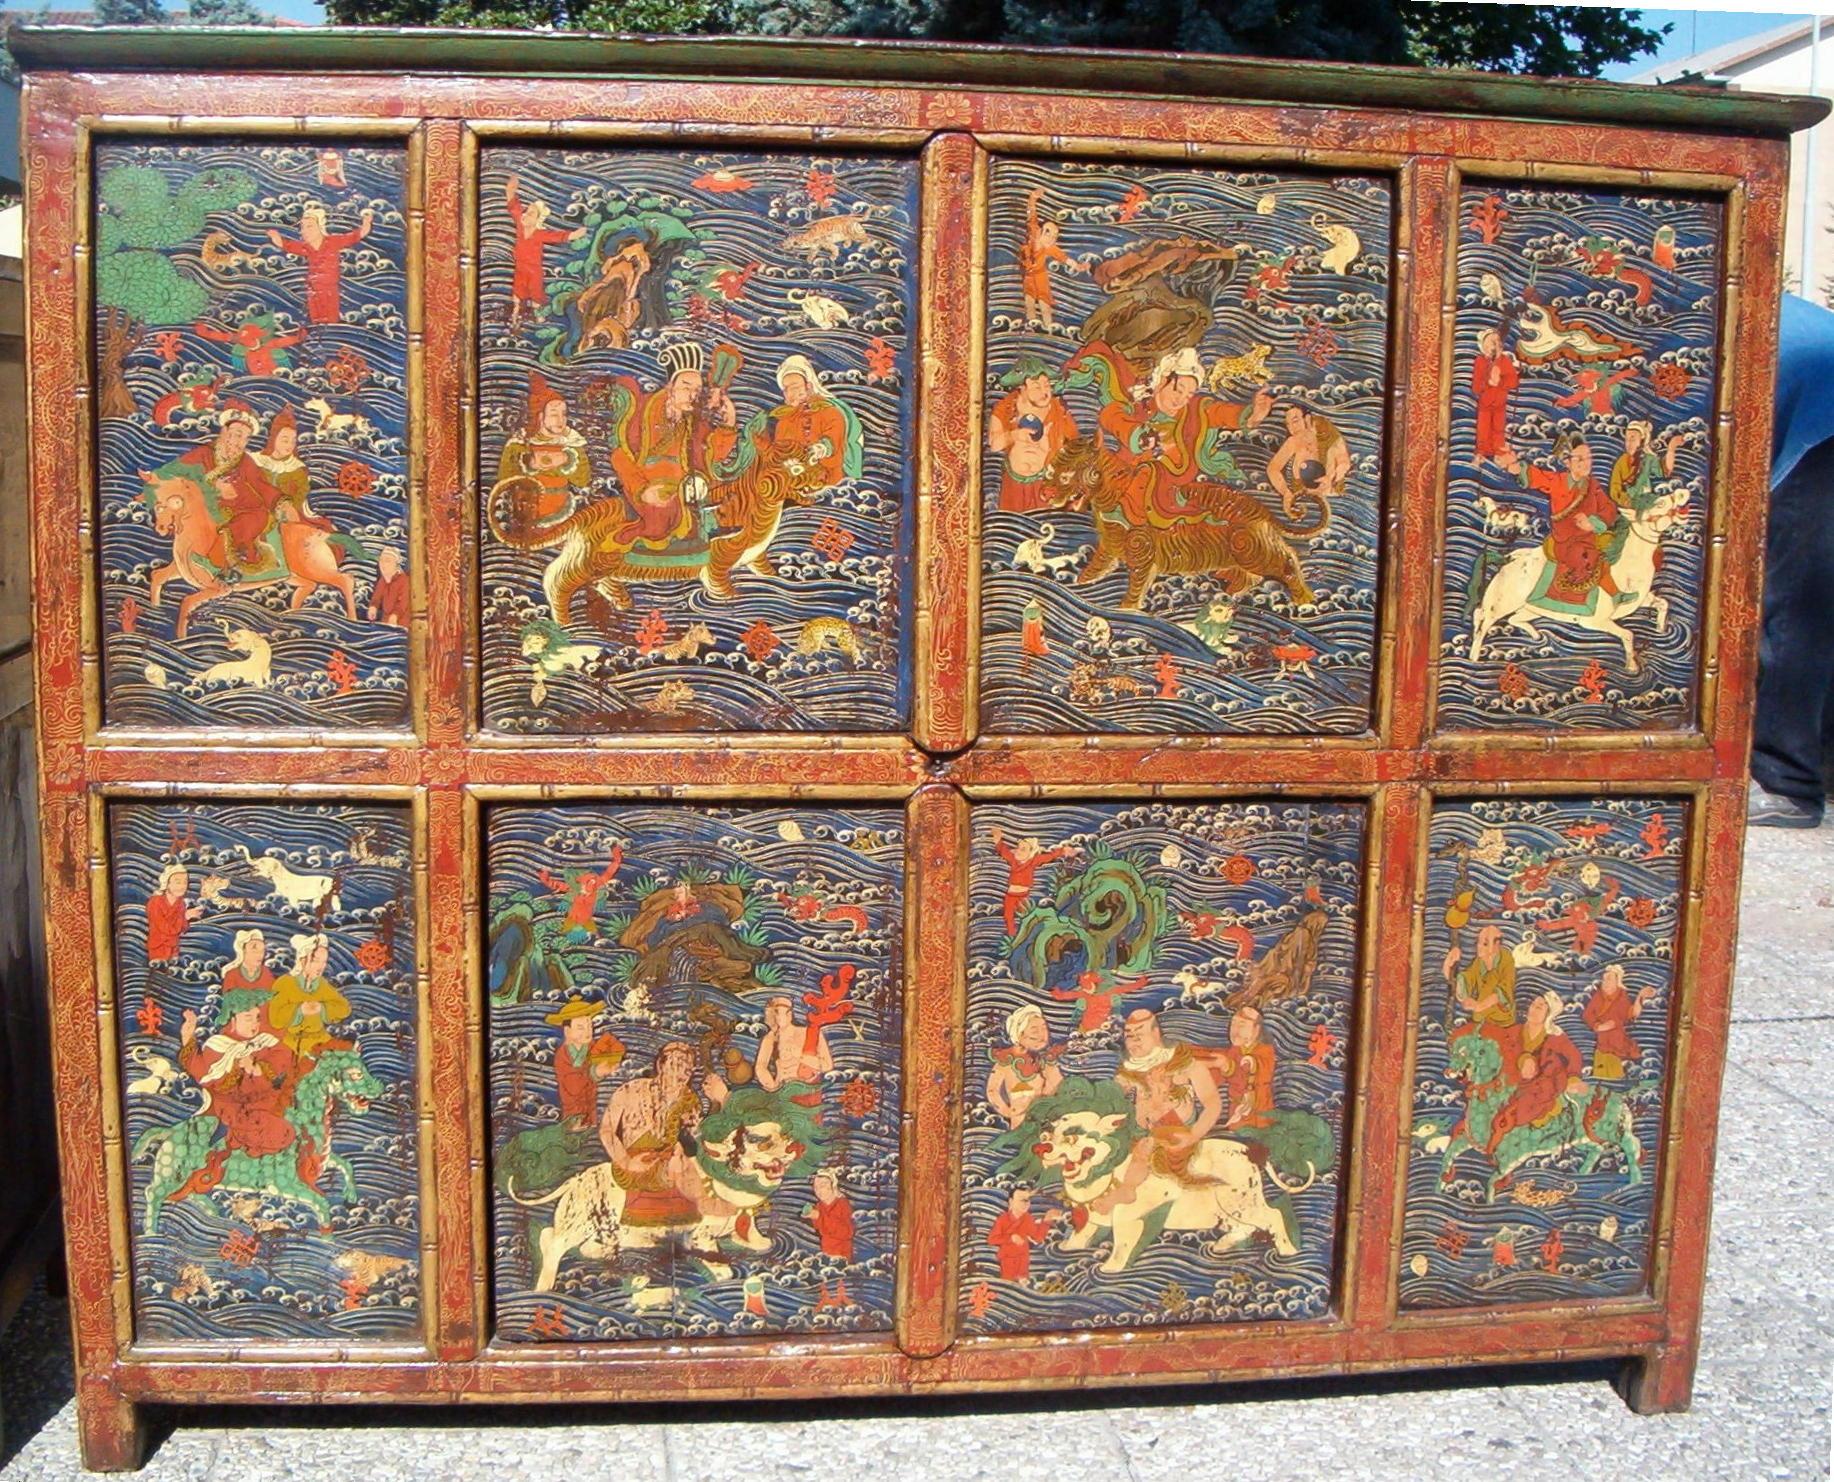 Latitudini mobili le tecniche decorative dei mobili tibetani - Mobili tibetani antichi ...